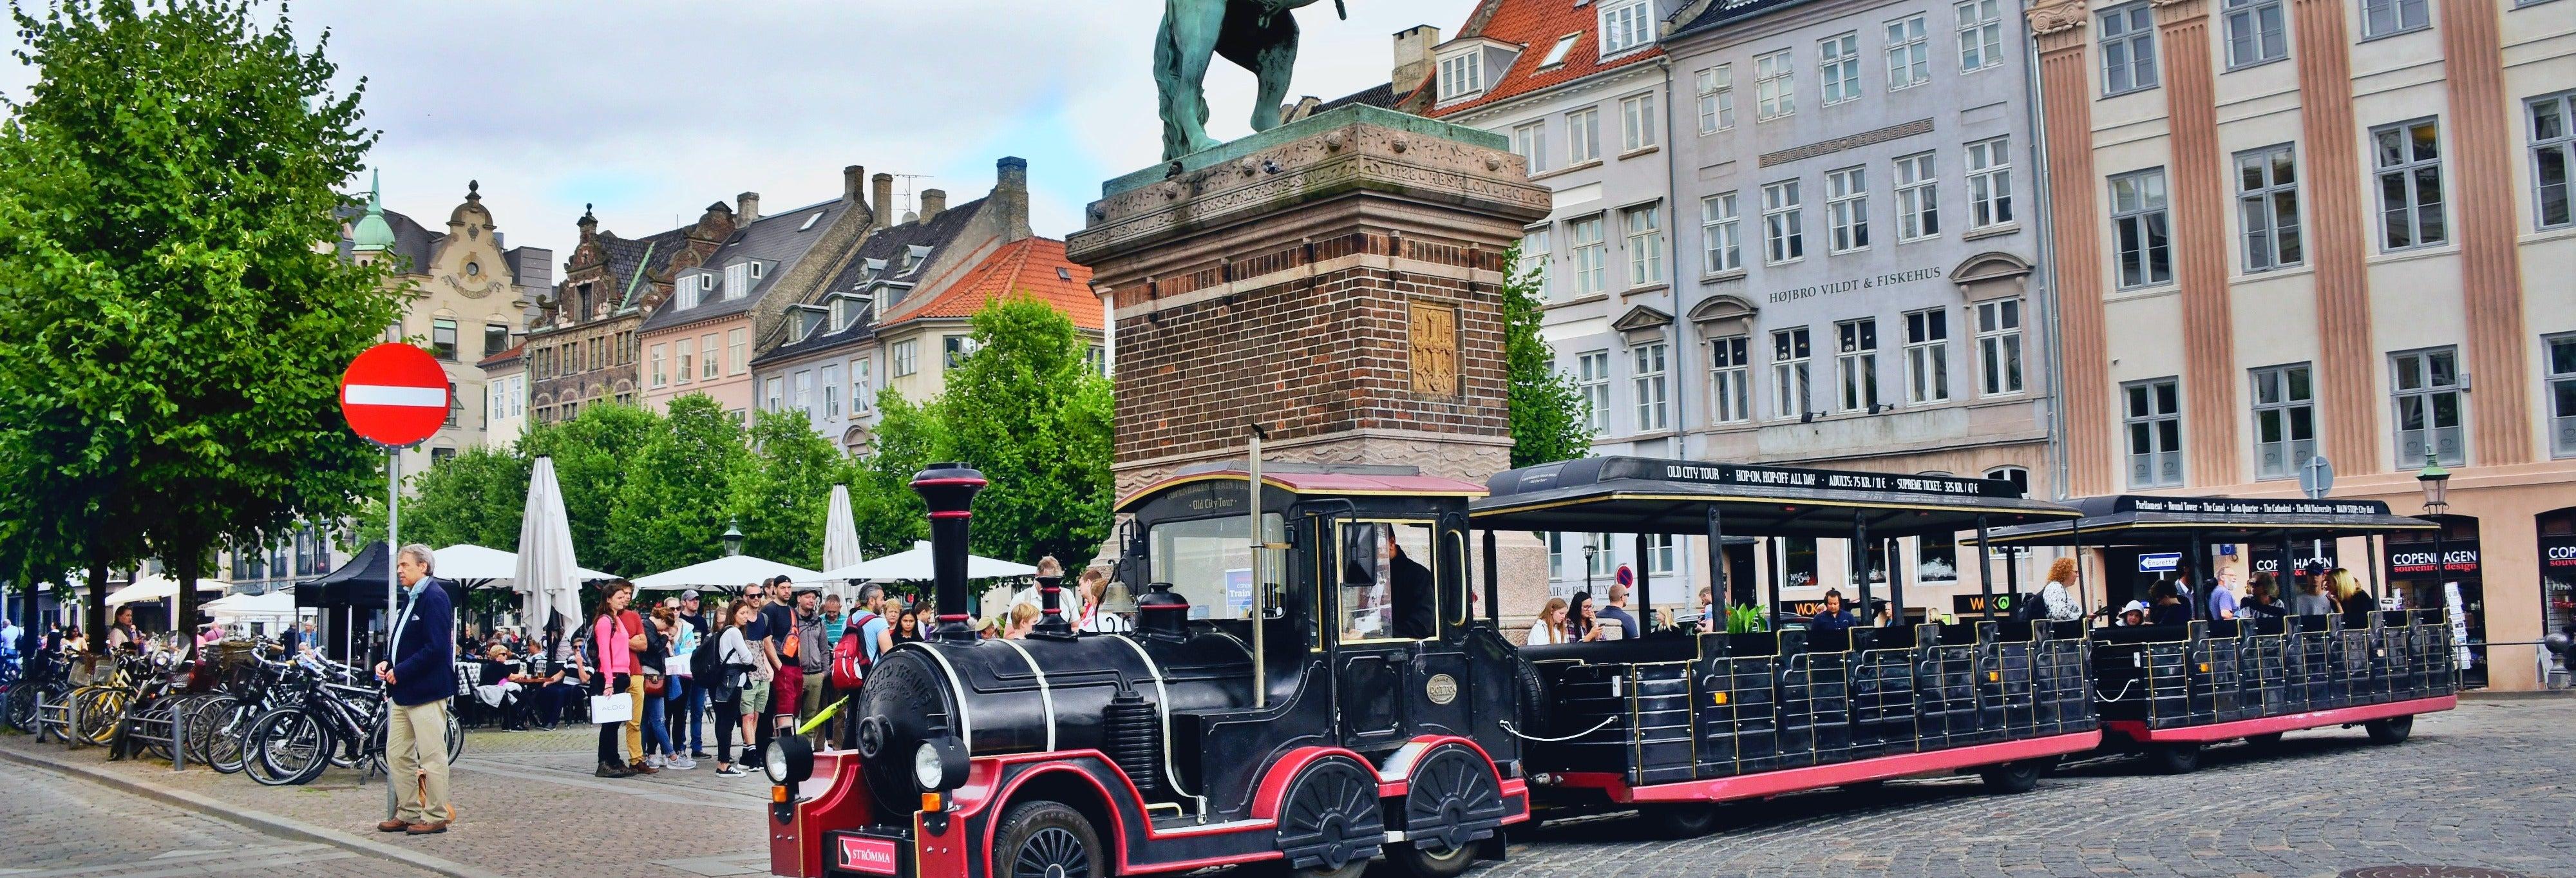 Tren turístico de Copenhague